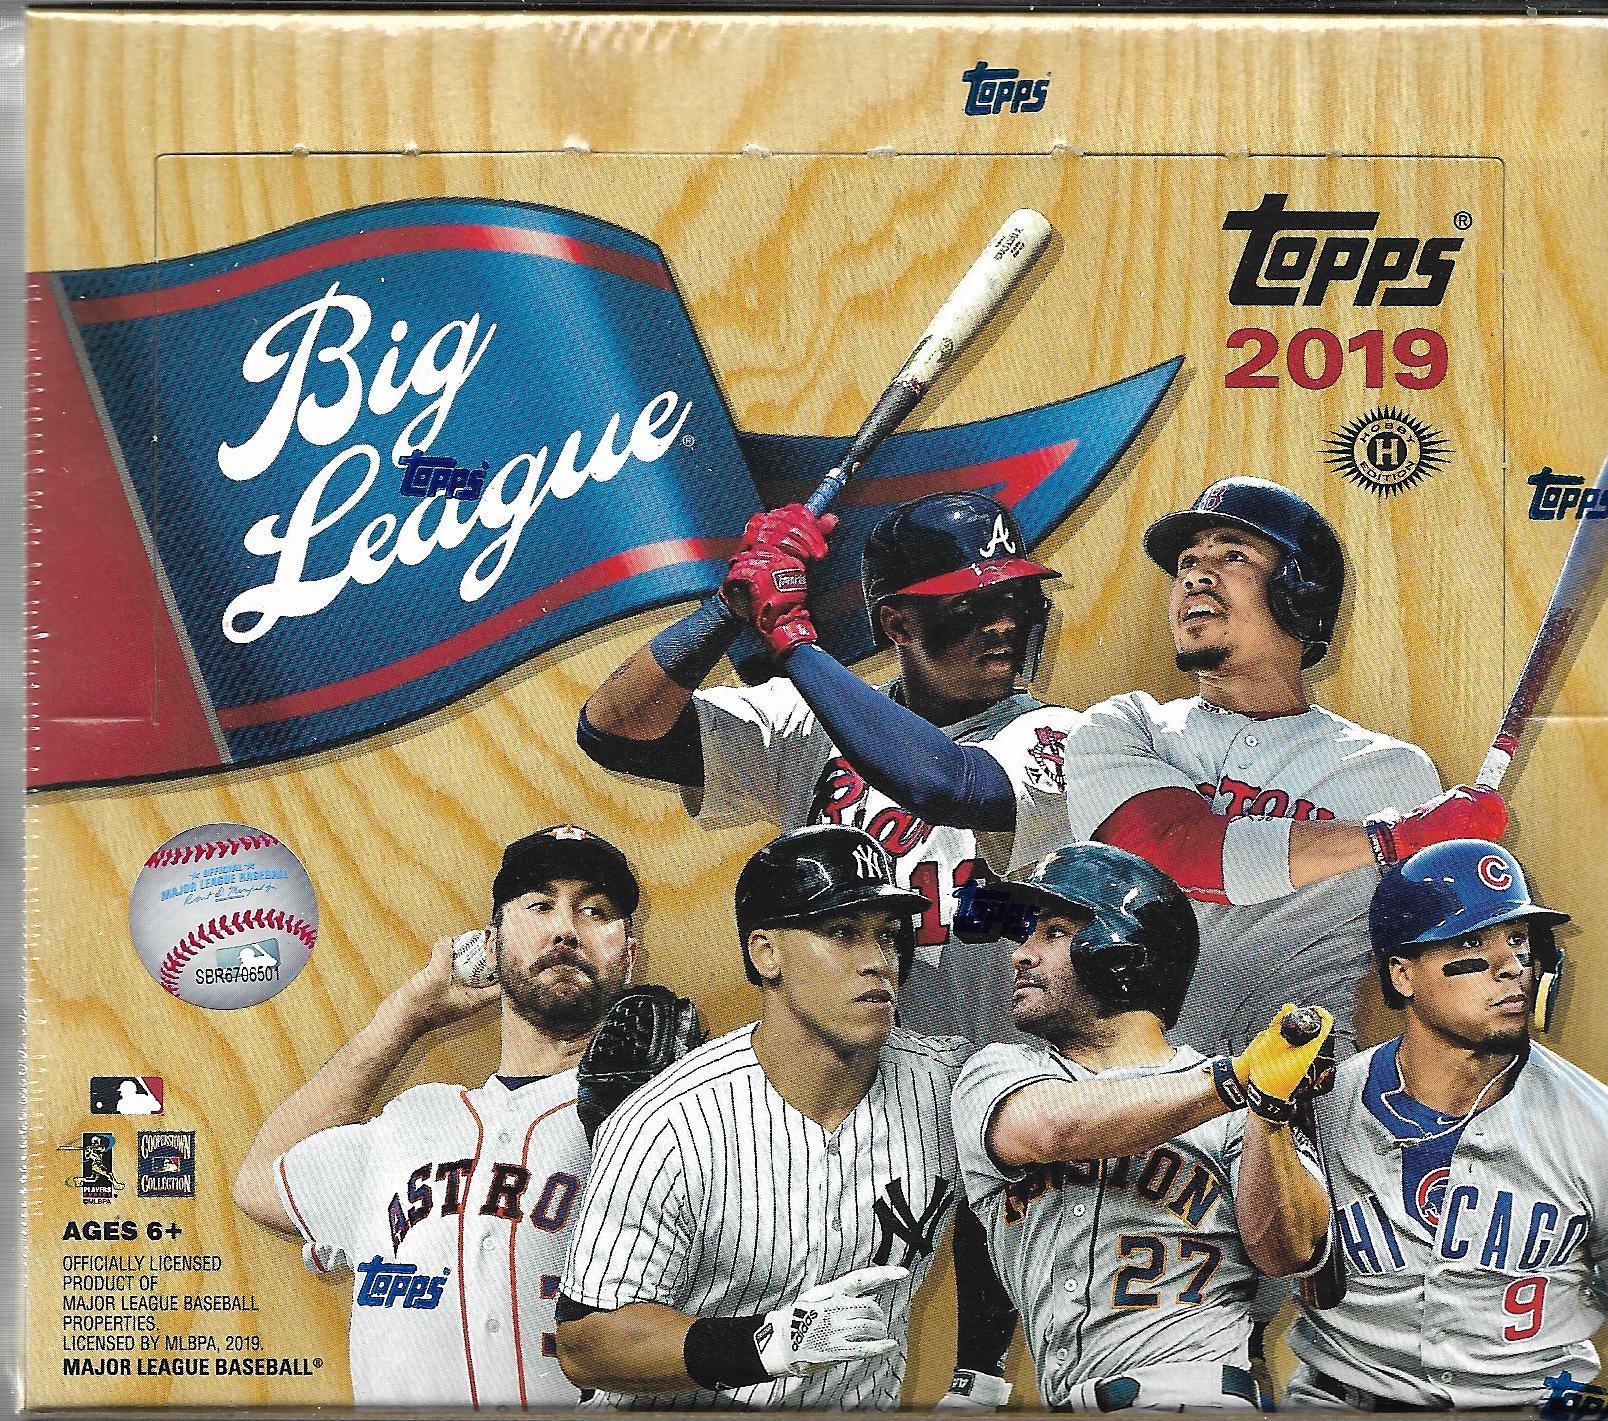 2019 Topps Big League Baseball Hobby